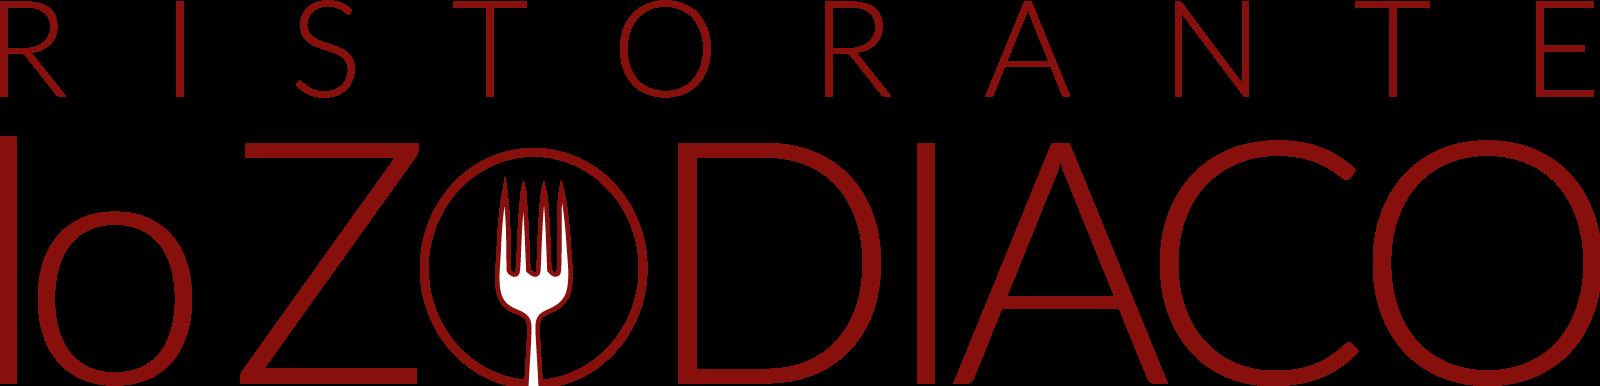 Lo Zodiaco Ristorante